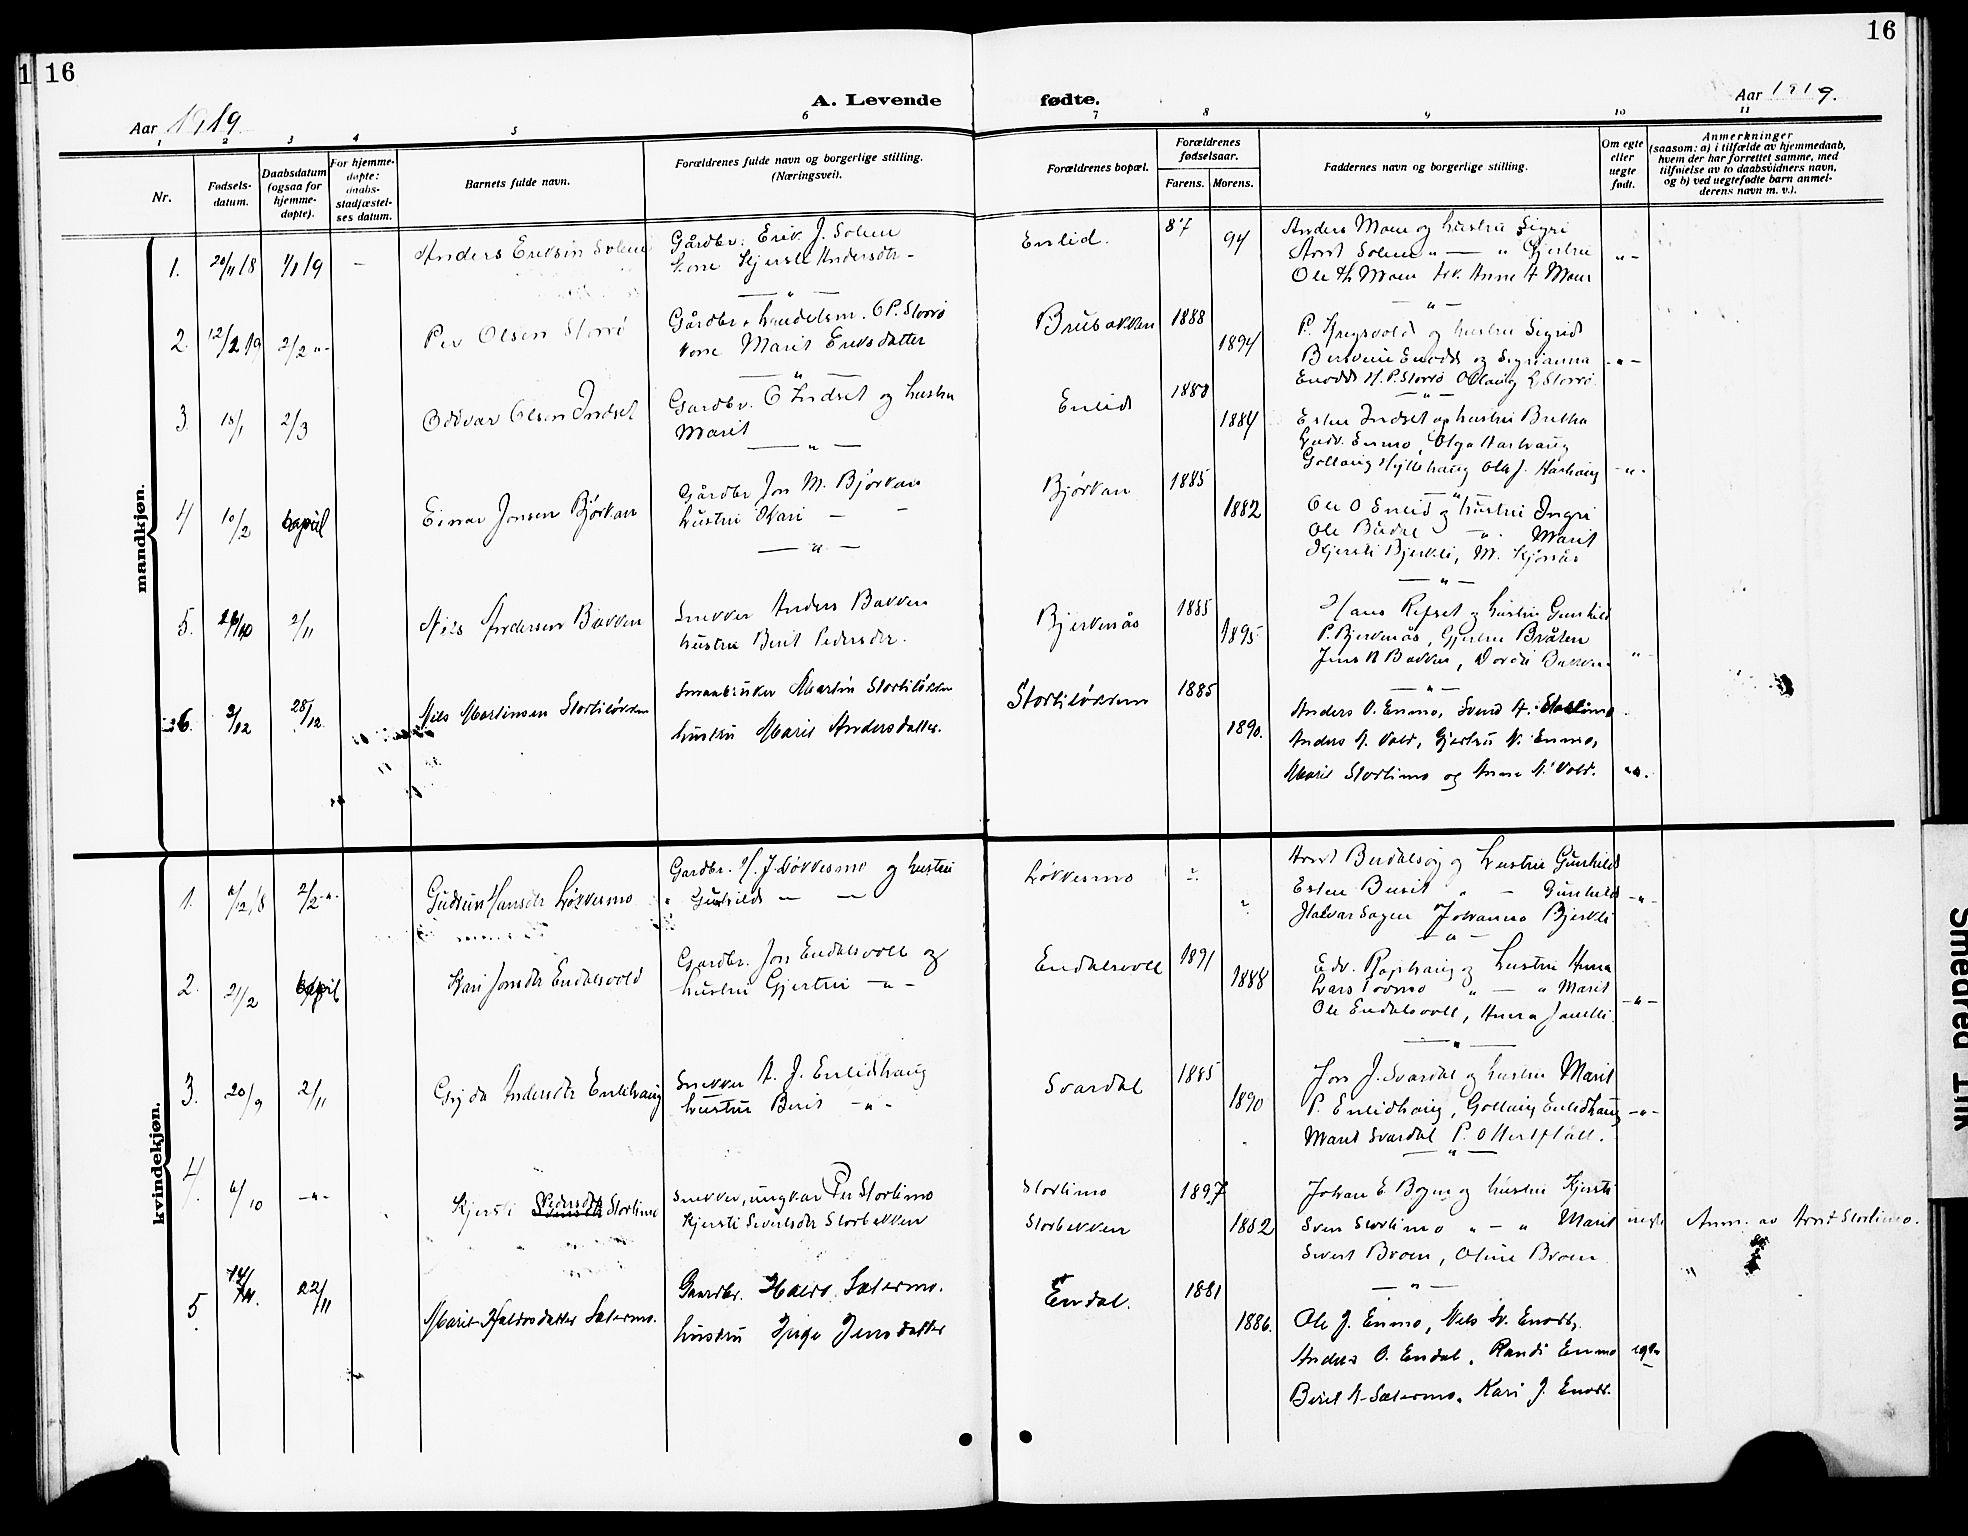 SAT, Ministerialprotokoller, klokkerbøker og fødselsregistre - Sør-Trøndelag, 690/L1052: Klokkerbok nr. 690C02, 1907-1929, s. 16